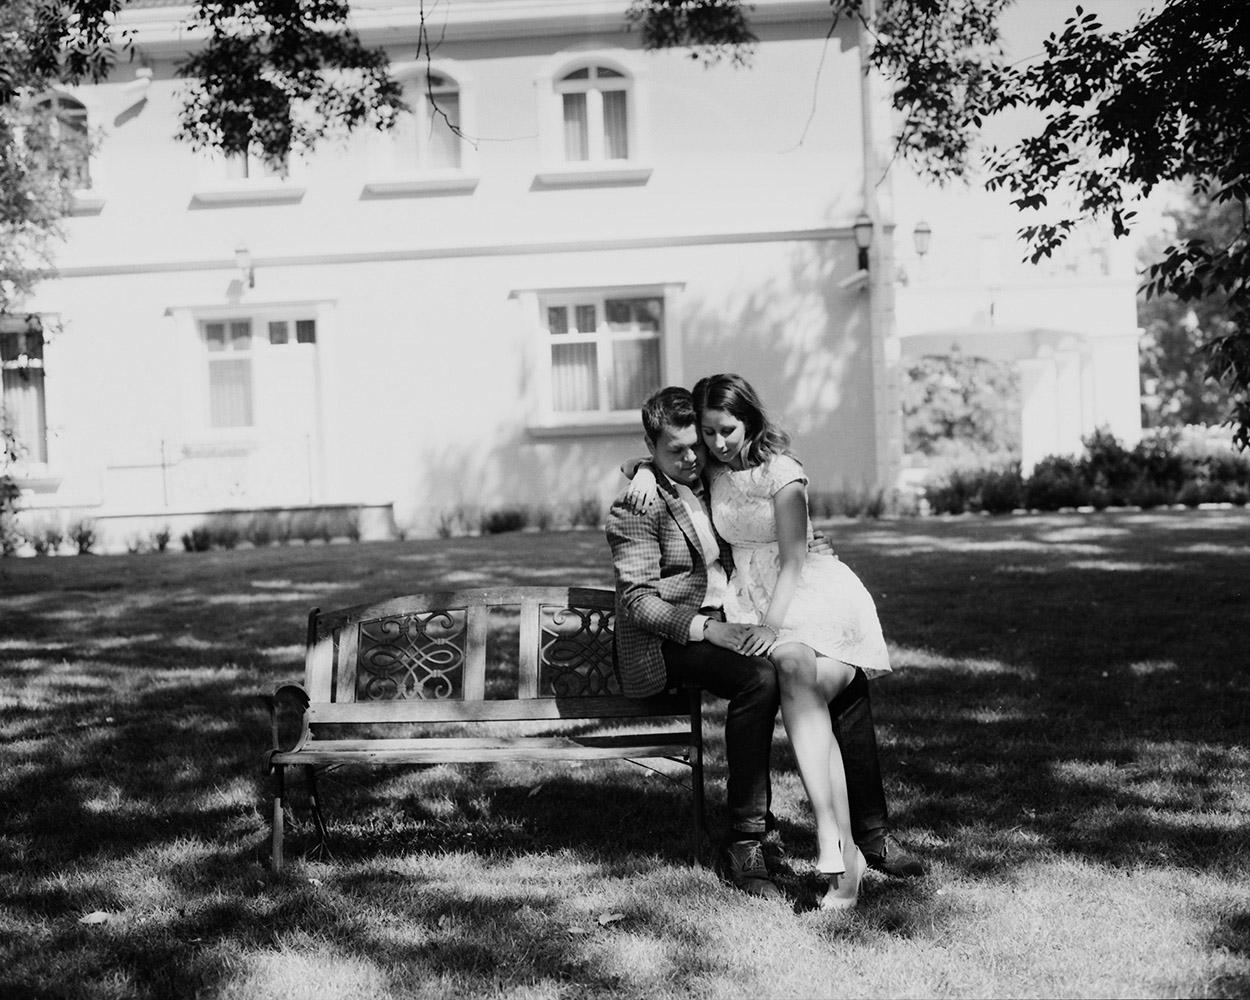 katona-tamas-fotos-eskuvoi-analog-fekete-feher-kepek-fotozasa-096